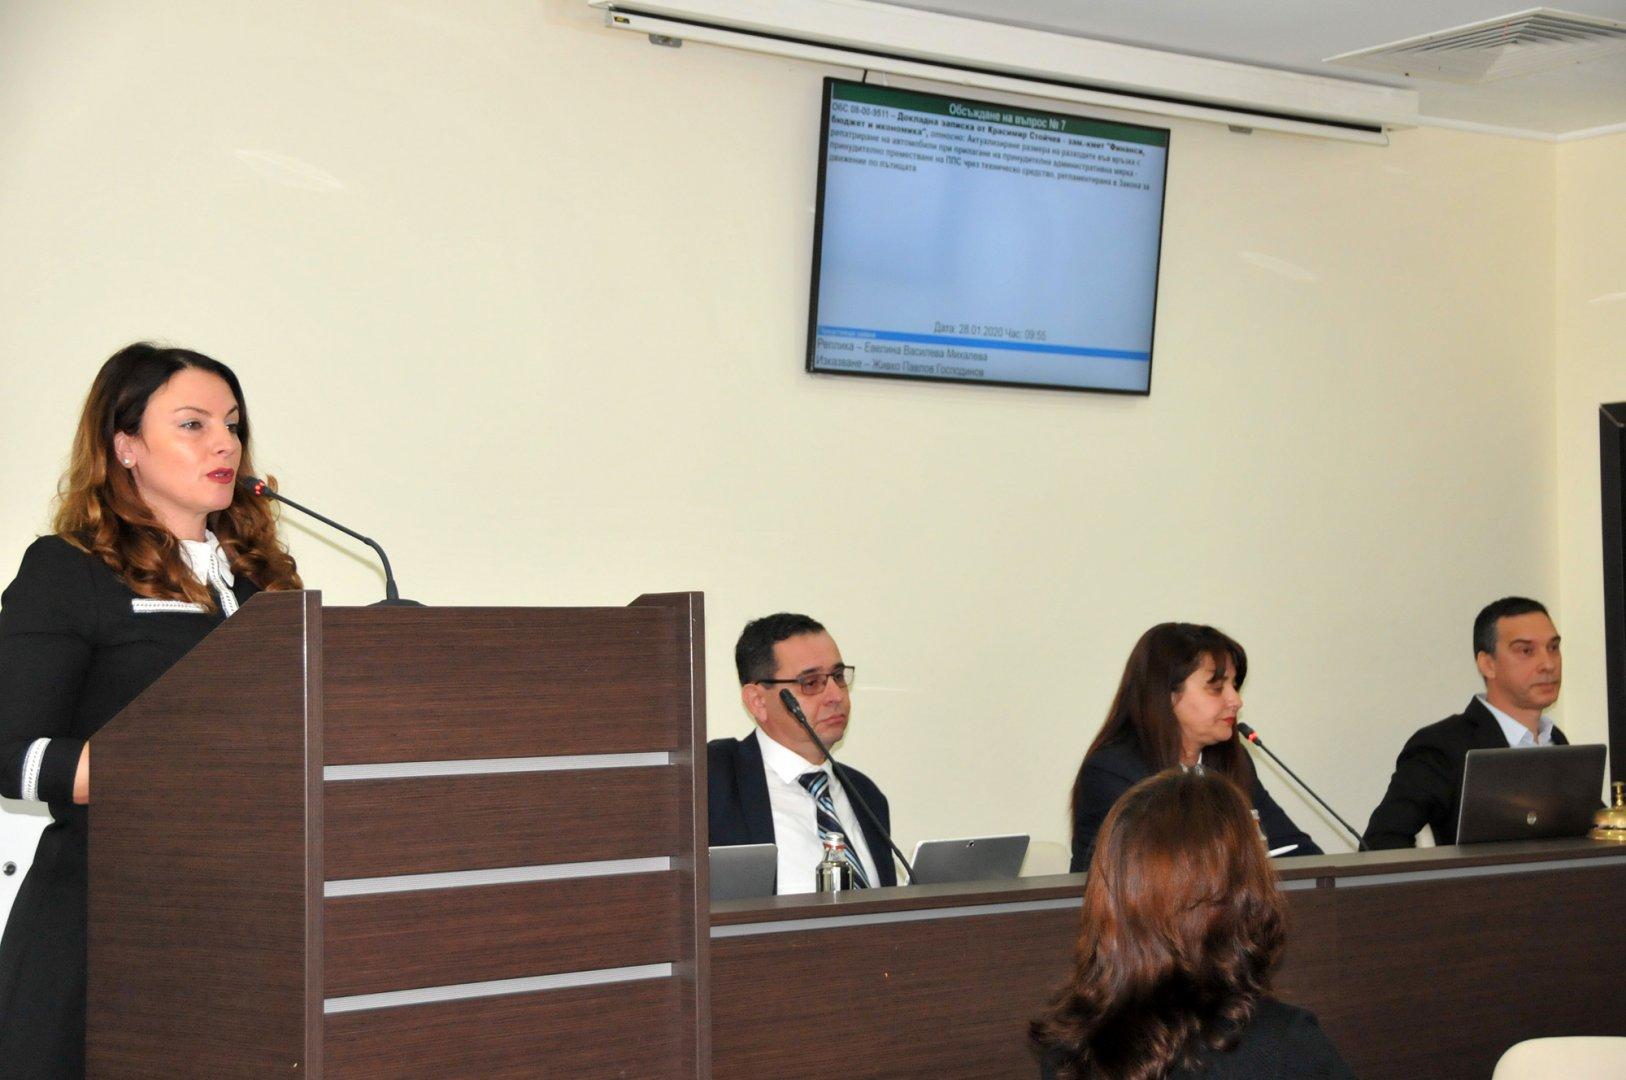 Няколко часа продължиха дебатите по докладната записка с проекта за бюджет на община Бургас. Снимки Лина Главинова